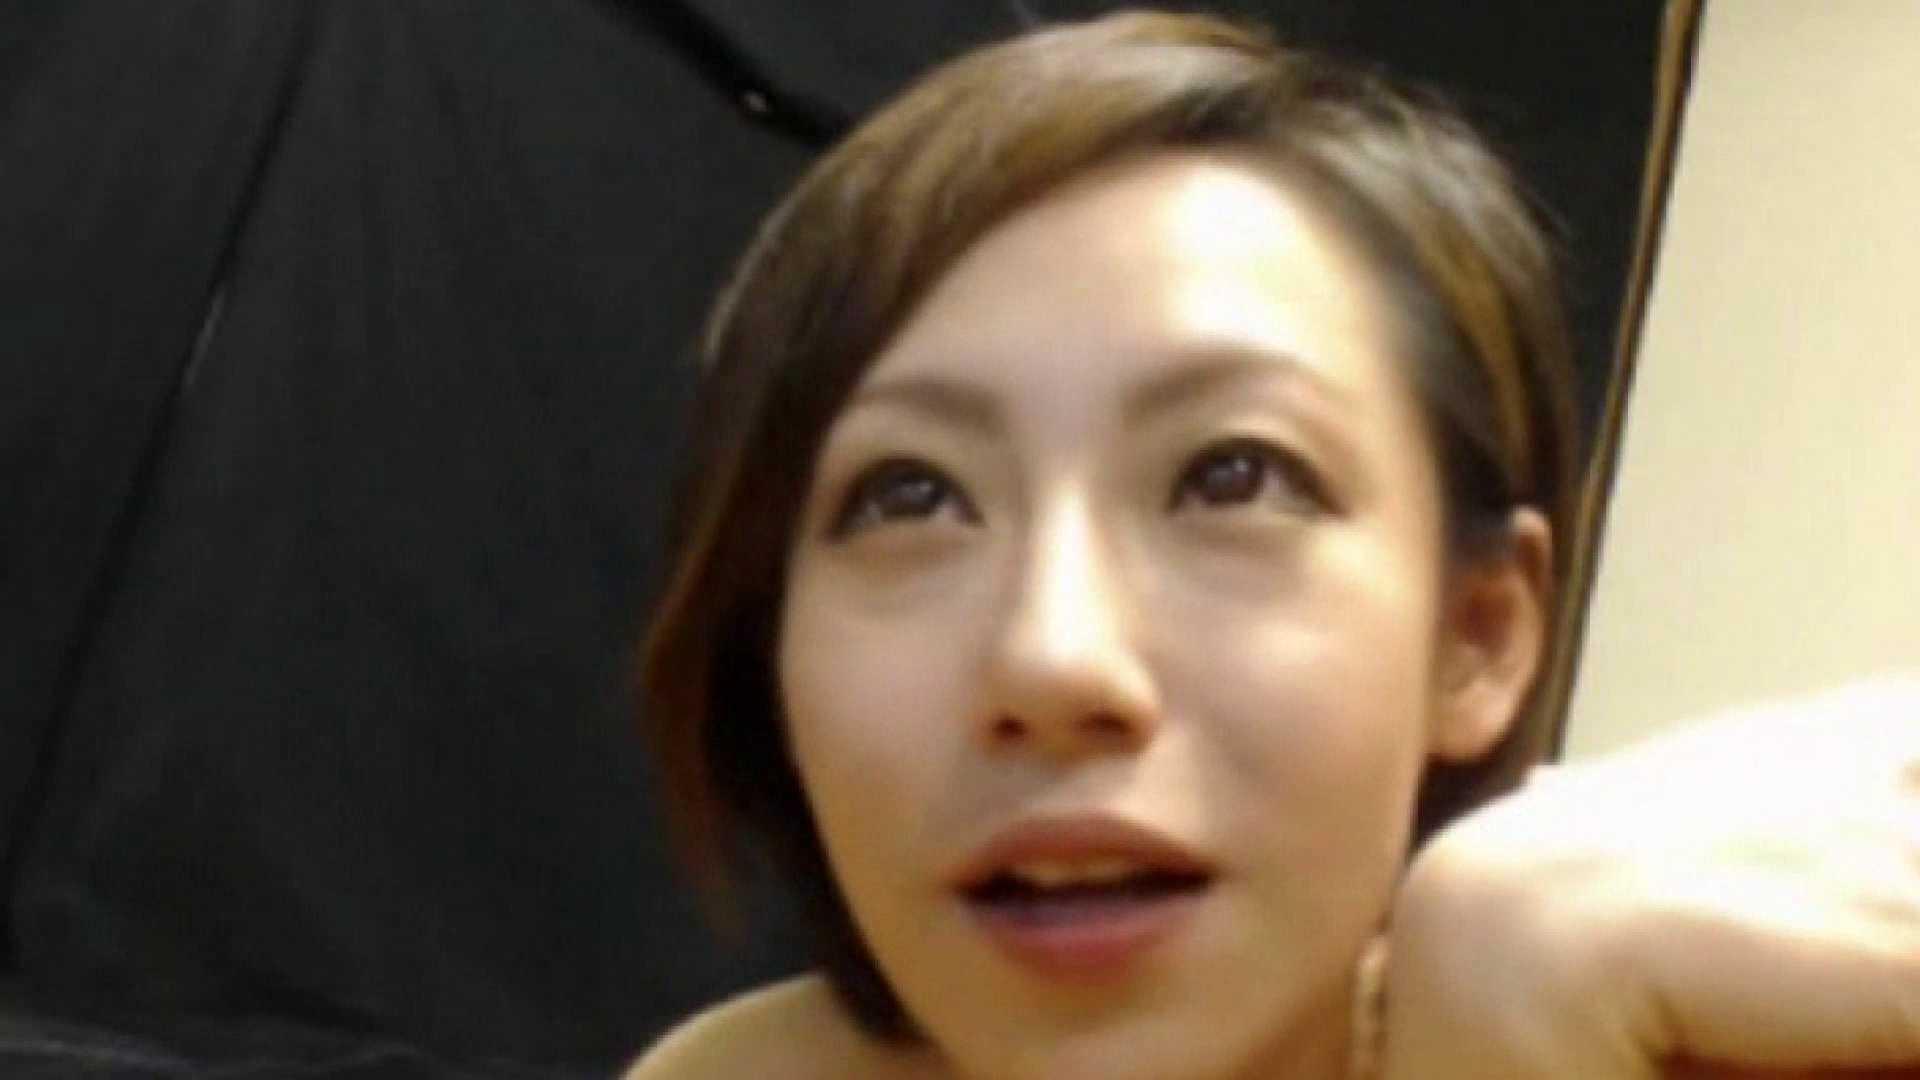 S級ギャルのハメ撮り!生チャット!Vol.23前編 エロい素人 | エロい美女  11枚 7